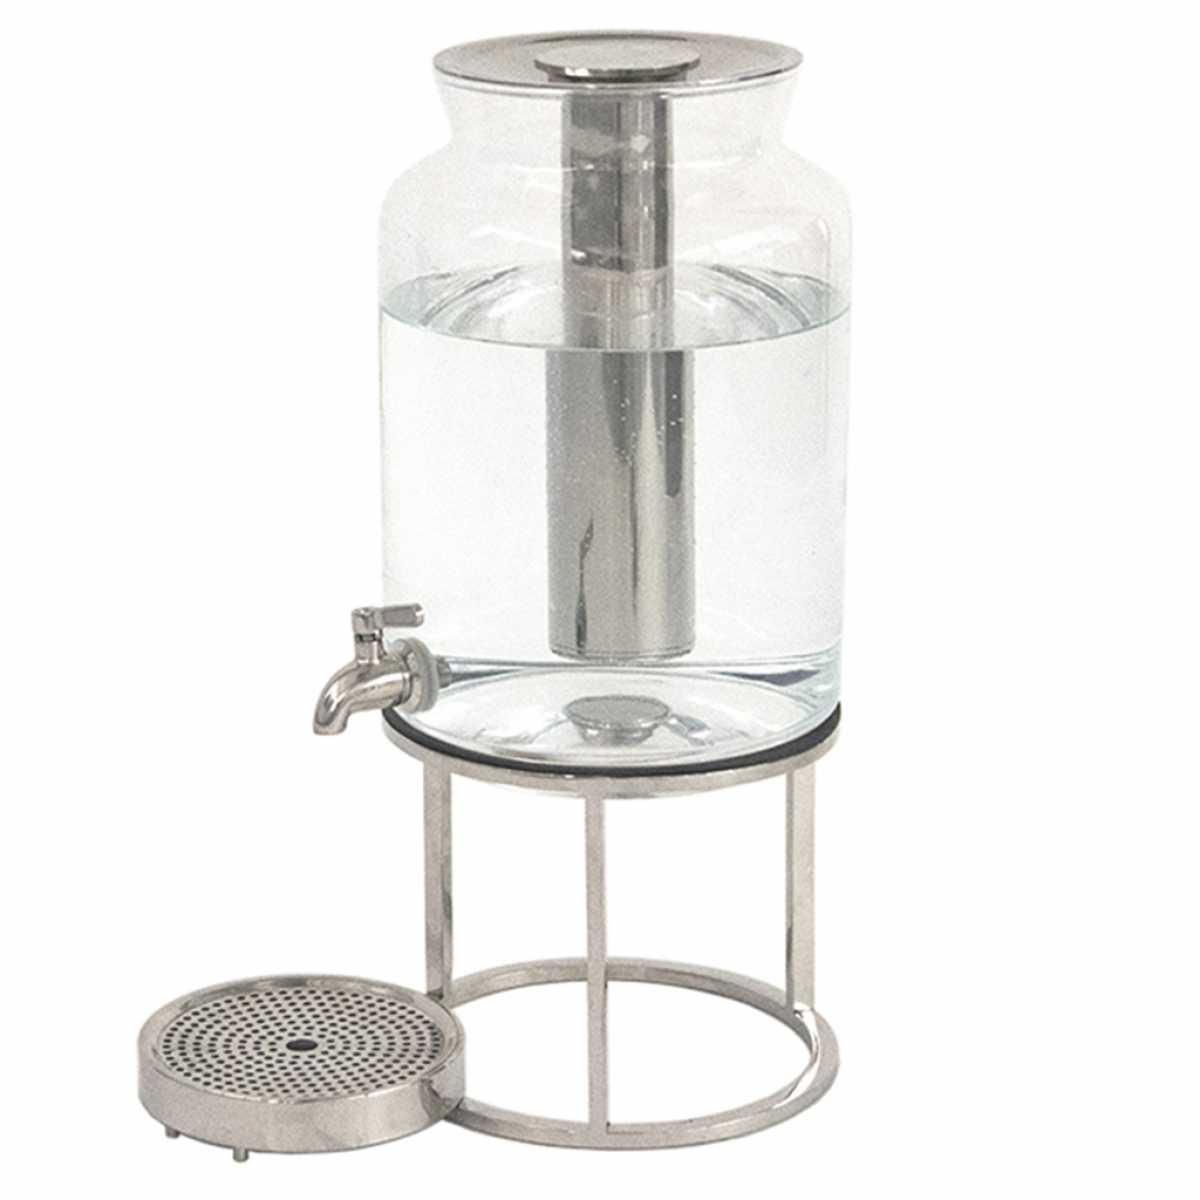 CRASTER Tilt PCM Soğutmalı Meyve Suyu Dispenser Seti Cam Kavanoz